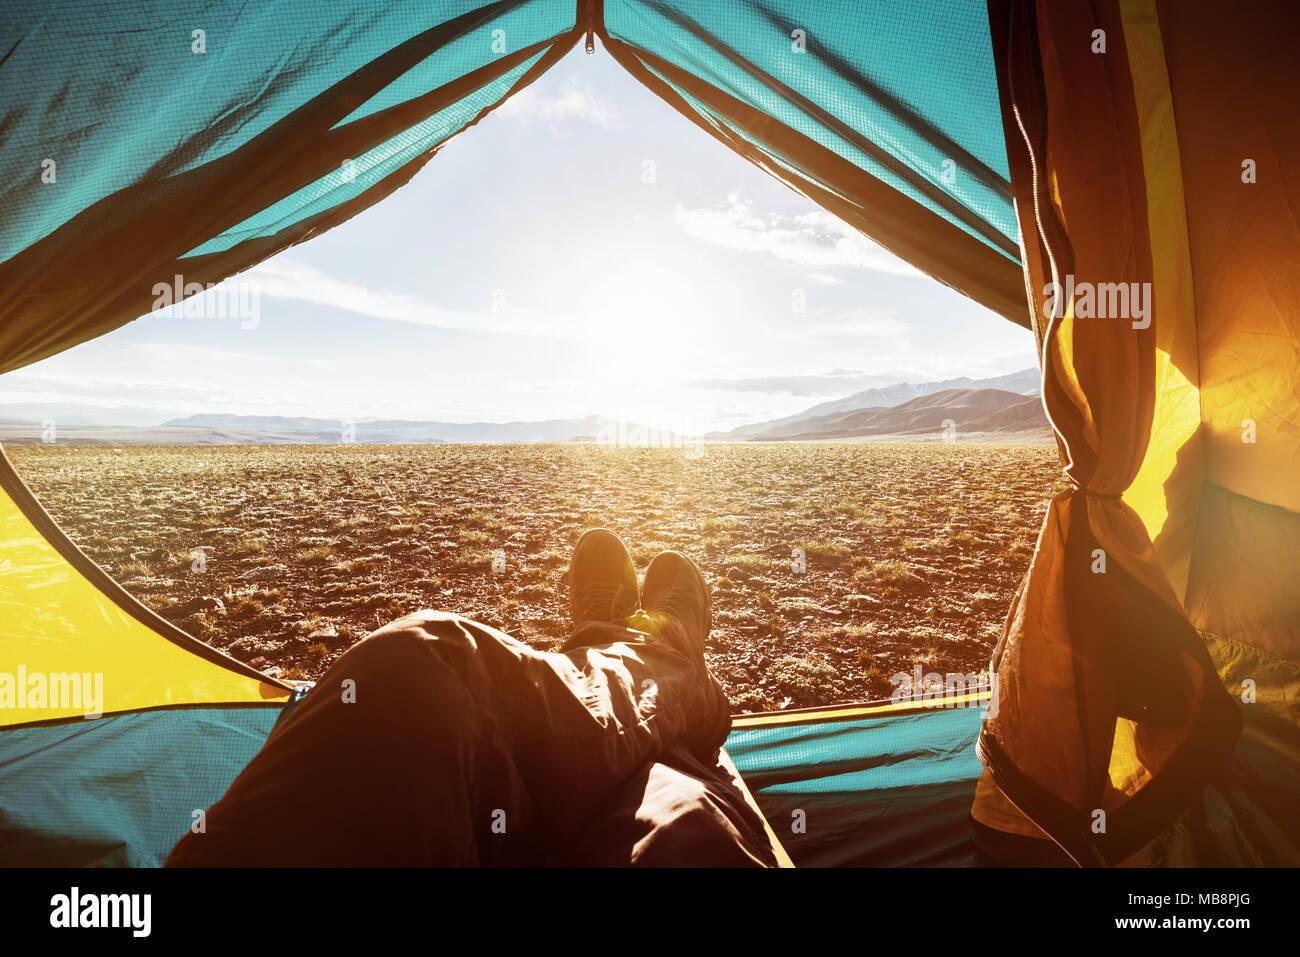 Les jambes de l'homme avoir touristique reste à l'intérieur de la tente Photo Stock